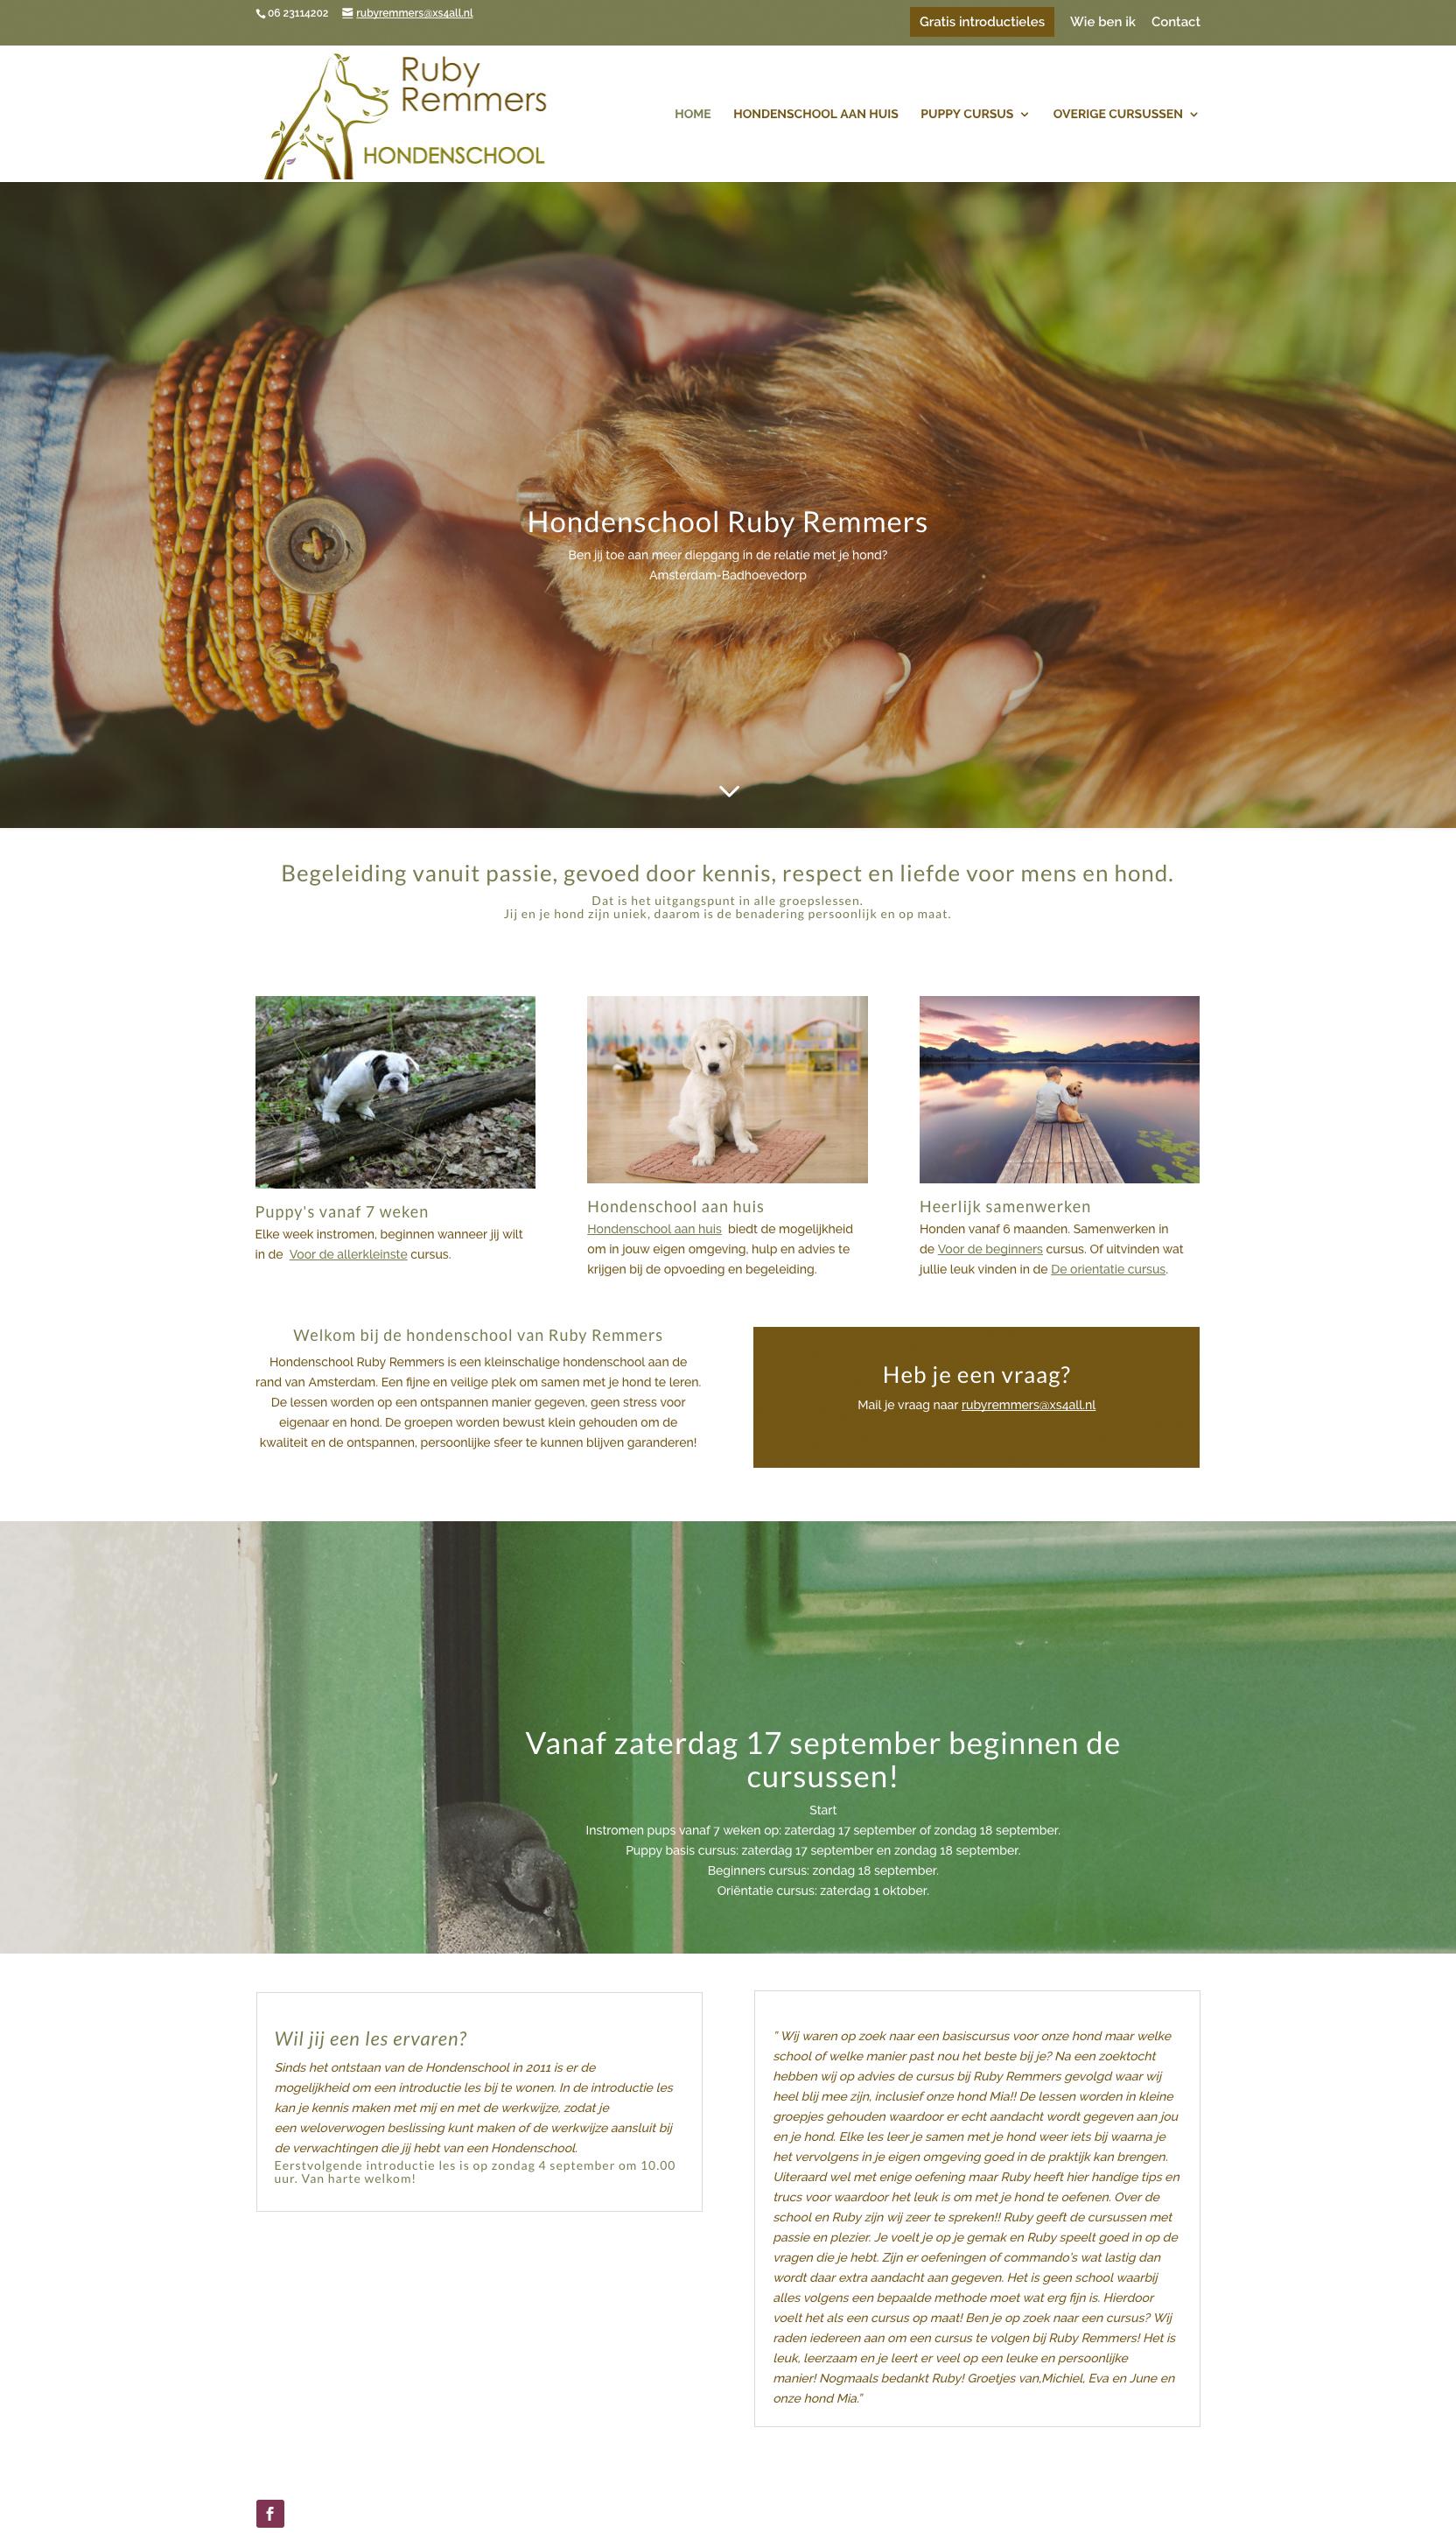 Hondenschool-Ruby-Remmers-portfolio